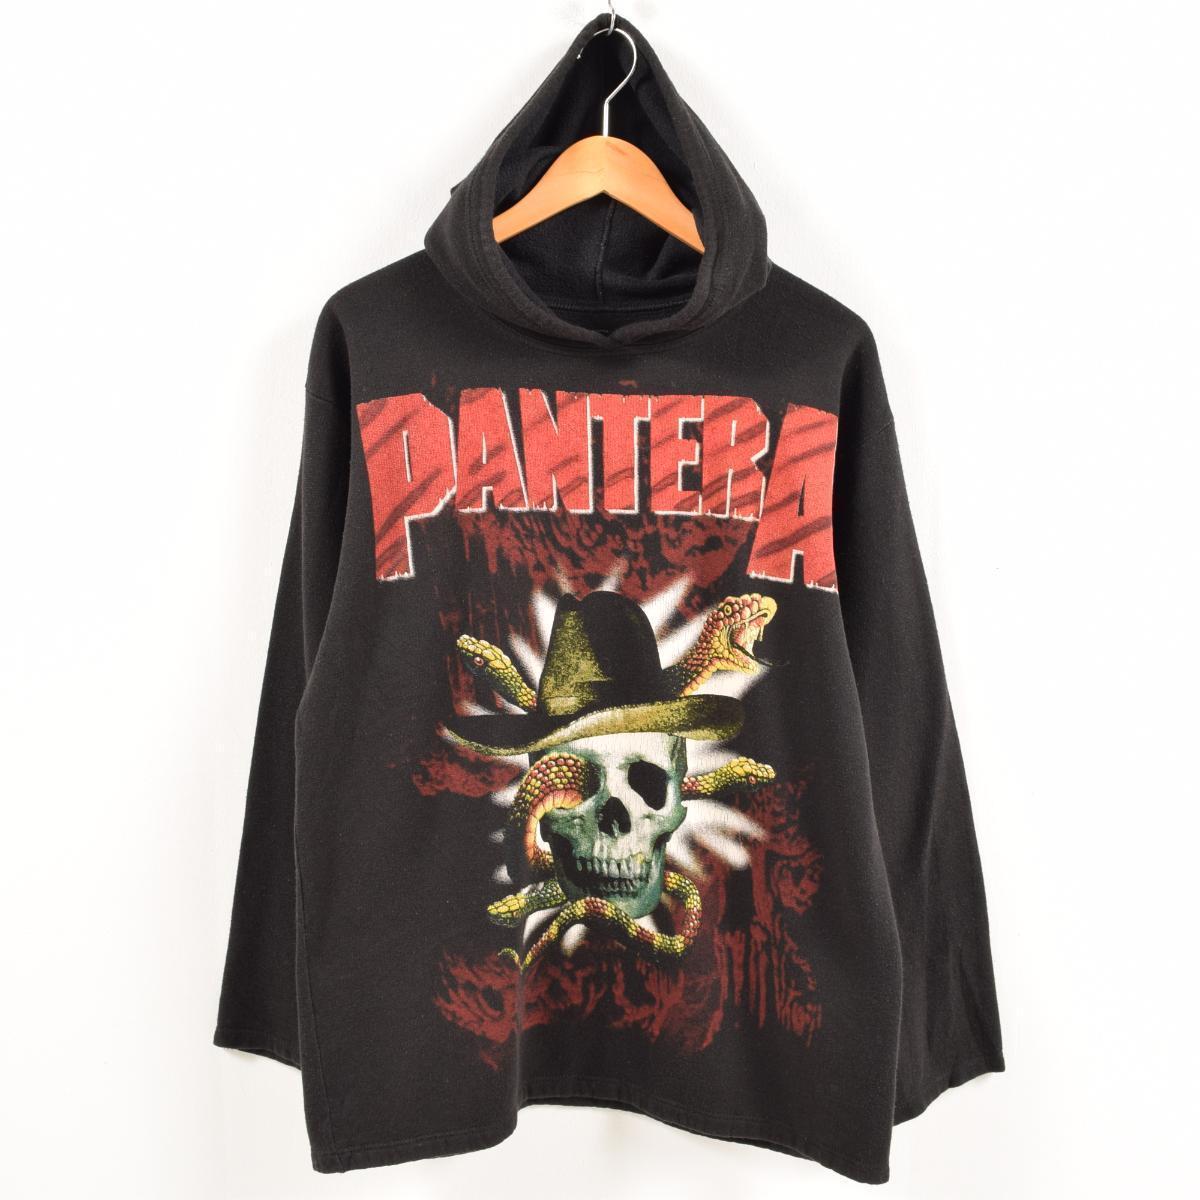 90年代~ PANTERA パンテラ バンド スウェットプルオーバーパーカー メンズM /wax8241 【中古】 【181002】